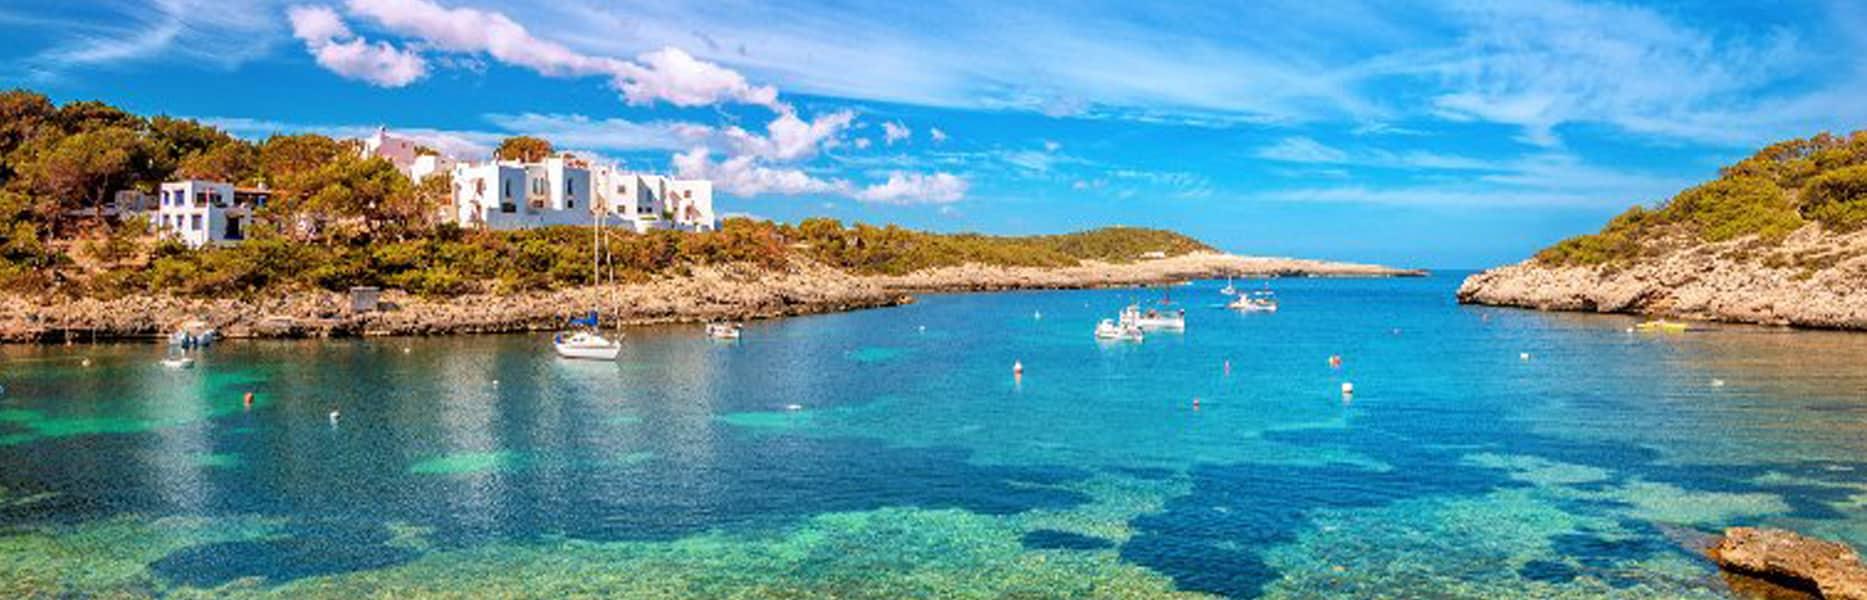 Ibiza-turismo